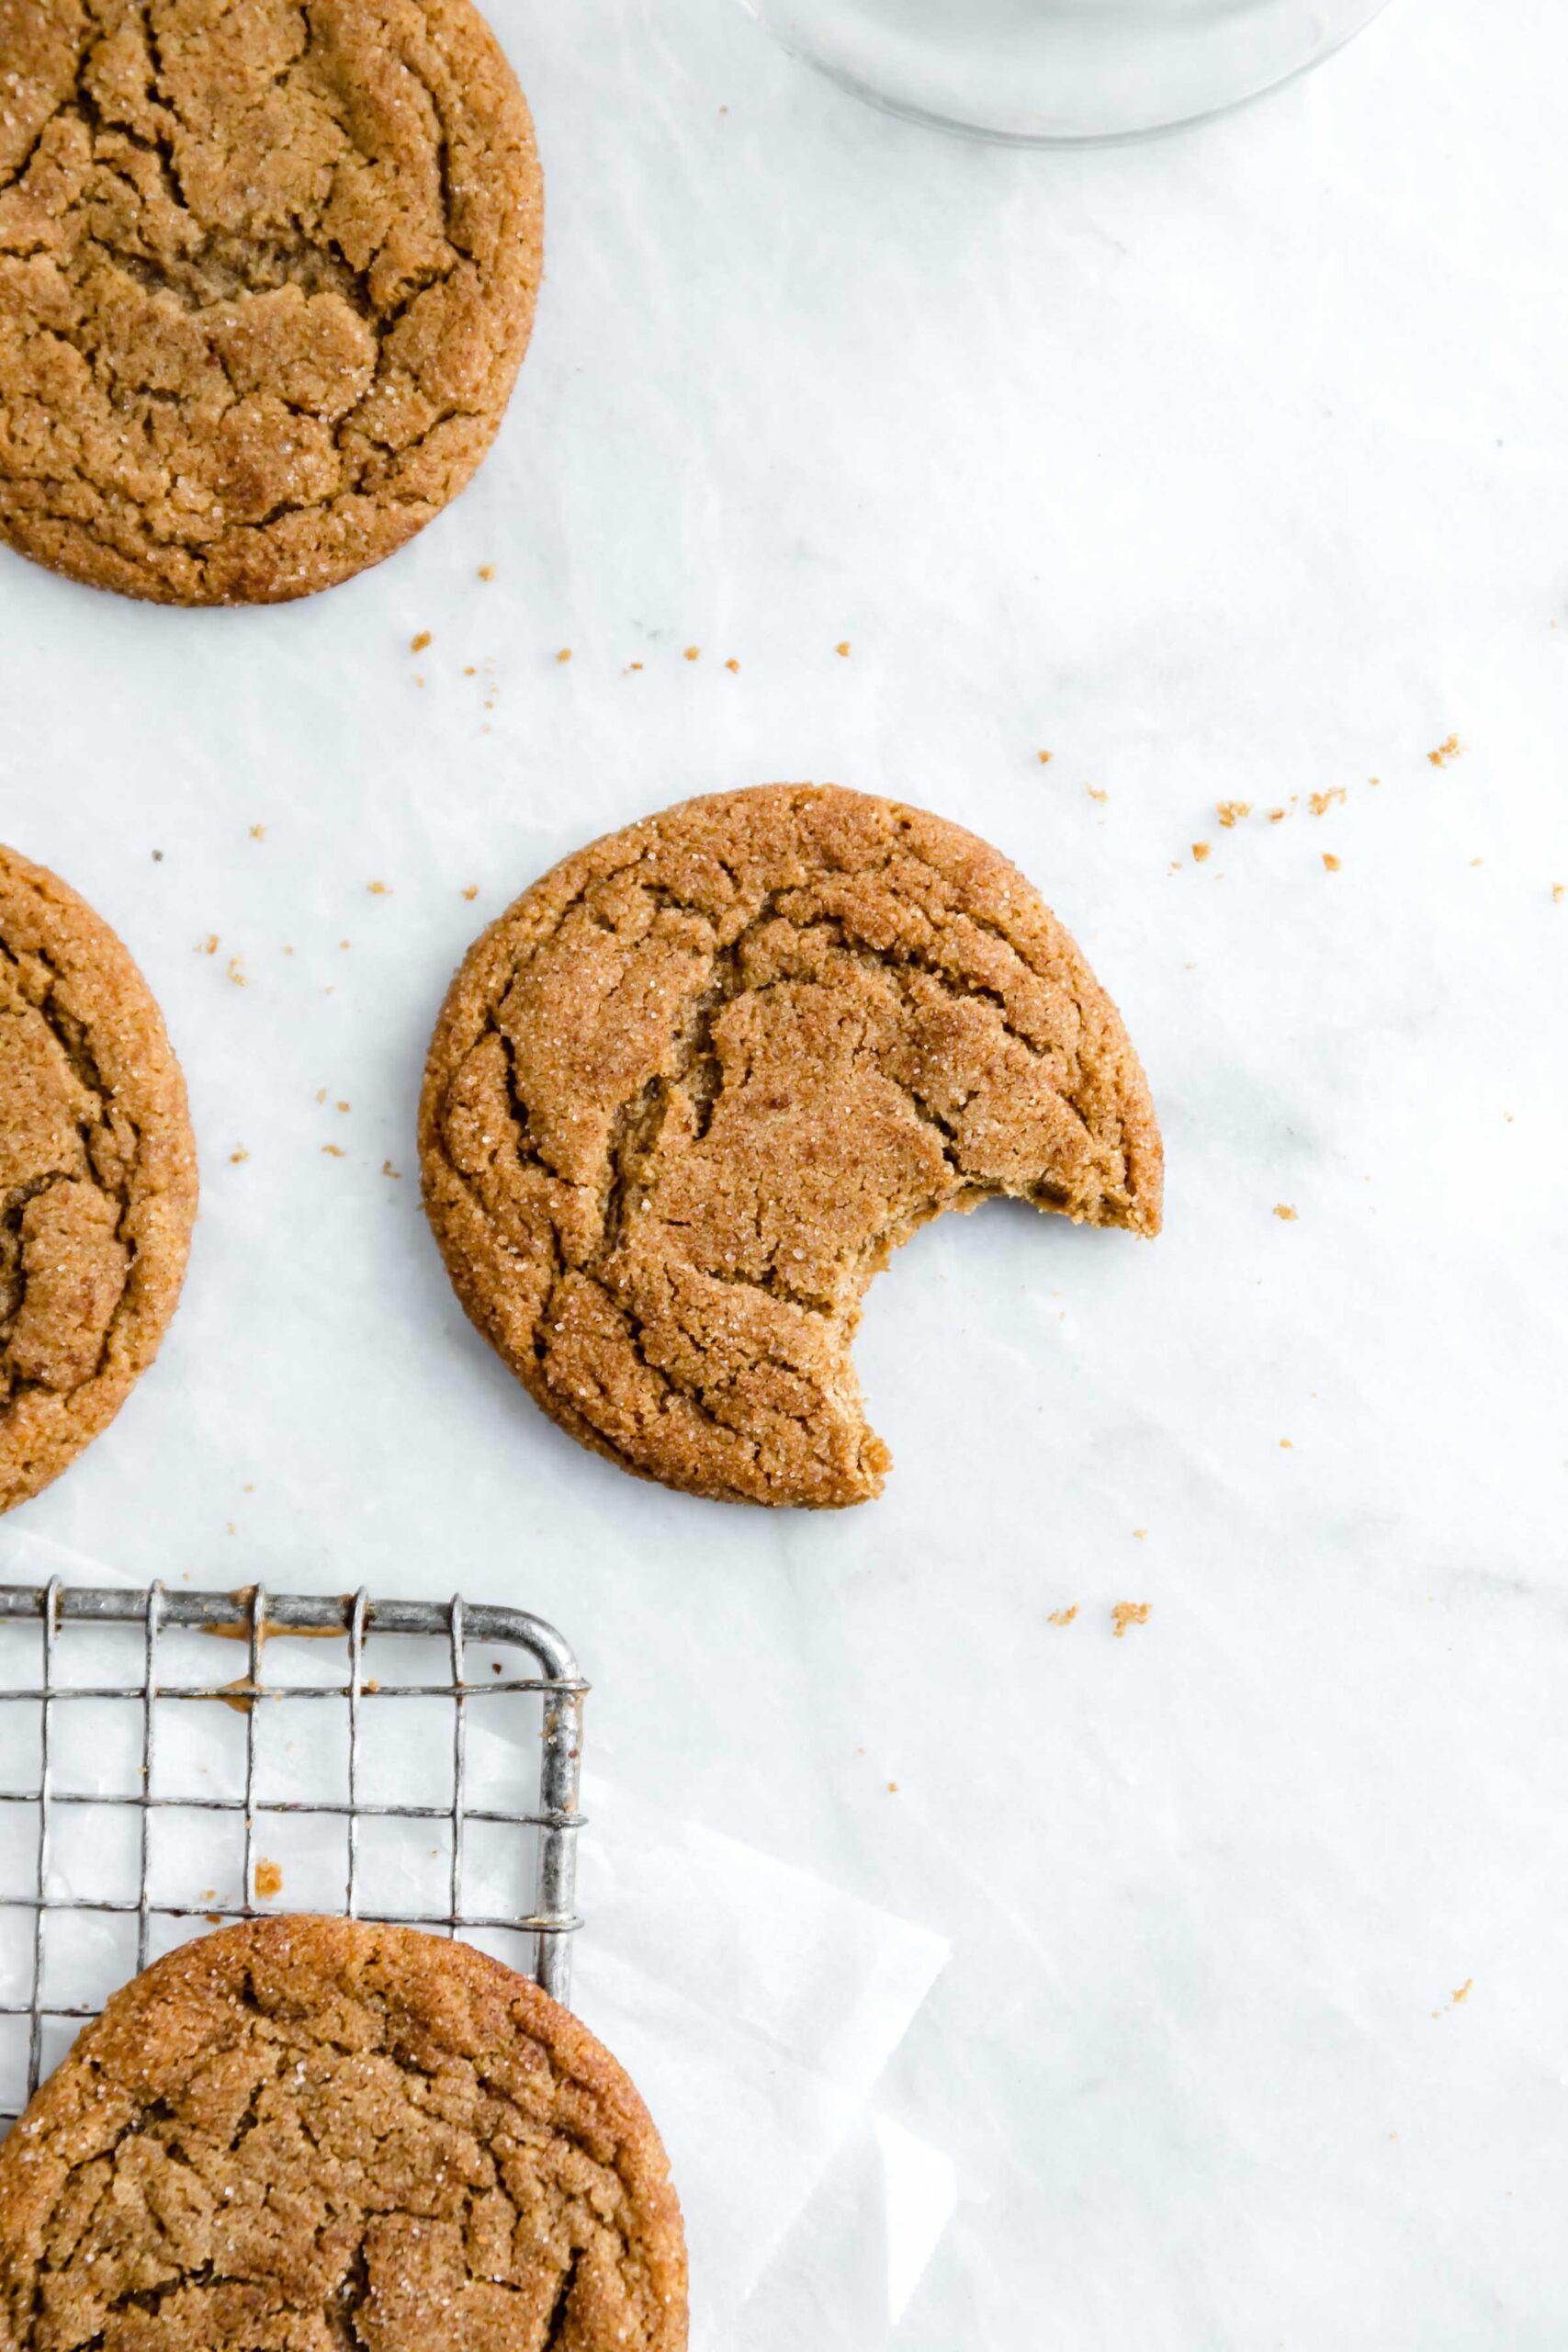 Gingersnaps et snickerdoodles ont eu un bébé avec ces gingembre délicieux. Zingy, moelleux, doux et parfait pour la saison des vacances!